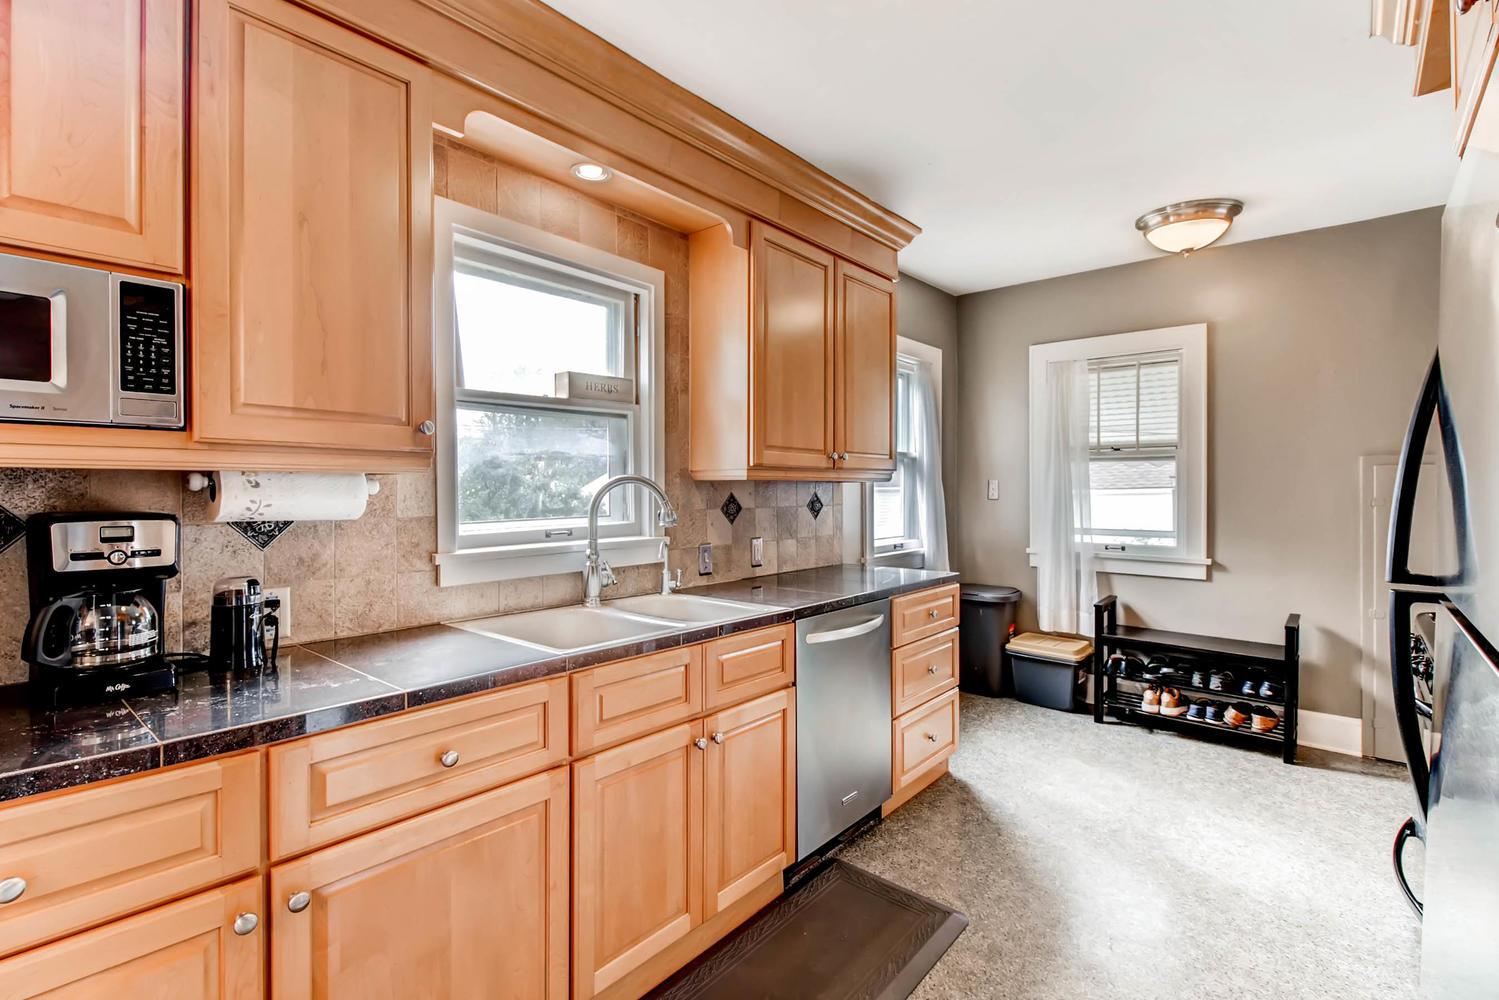 3138 Lincoln St NE Minneapolis-large-011-13-Kitchen-1500x1000-72dpi.jpg